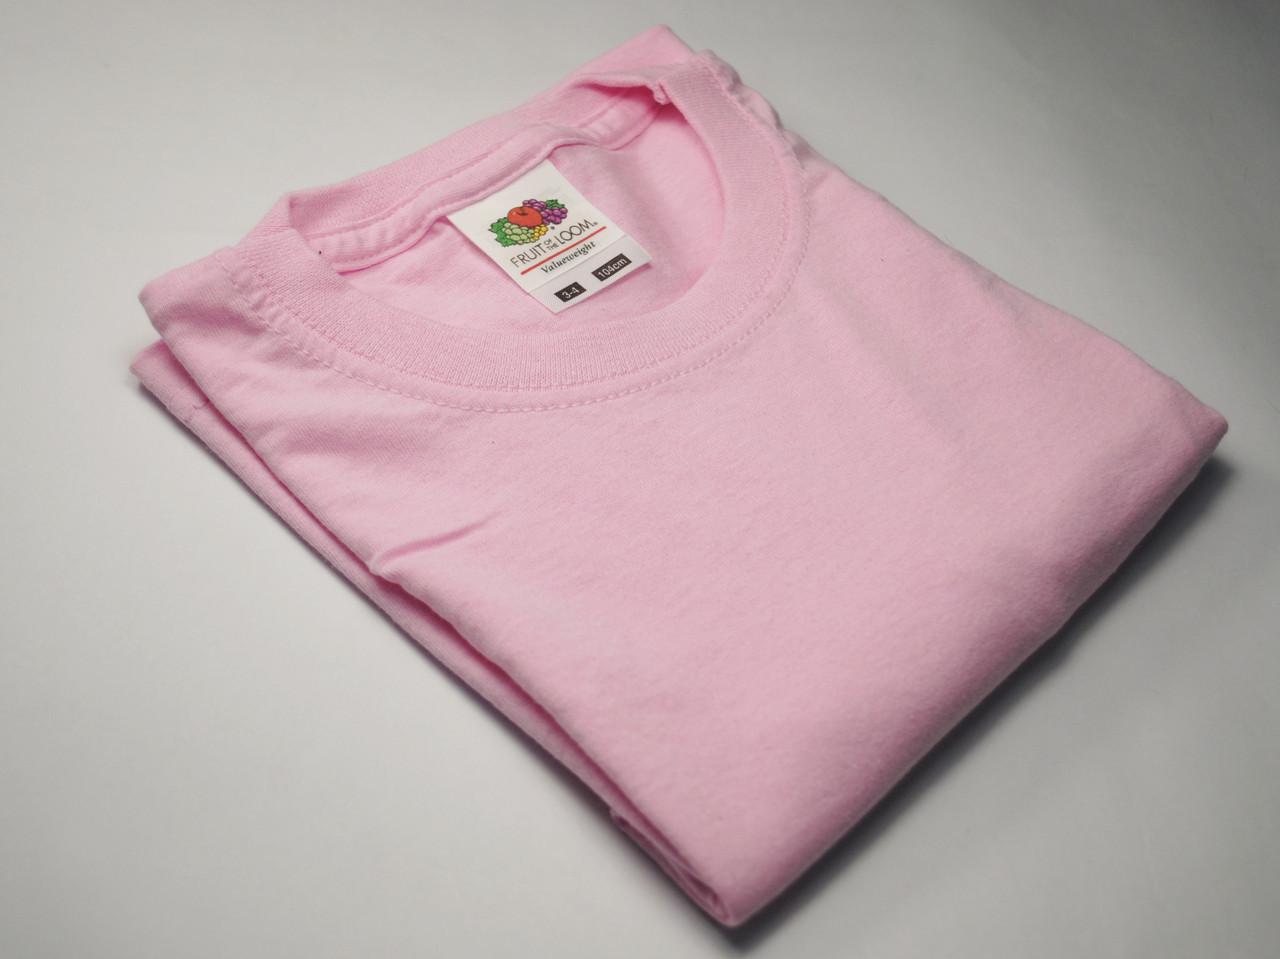 Классическая футболка для мальчика Светло-розовая  размер 2-3 года (98 см) 61-033-52